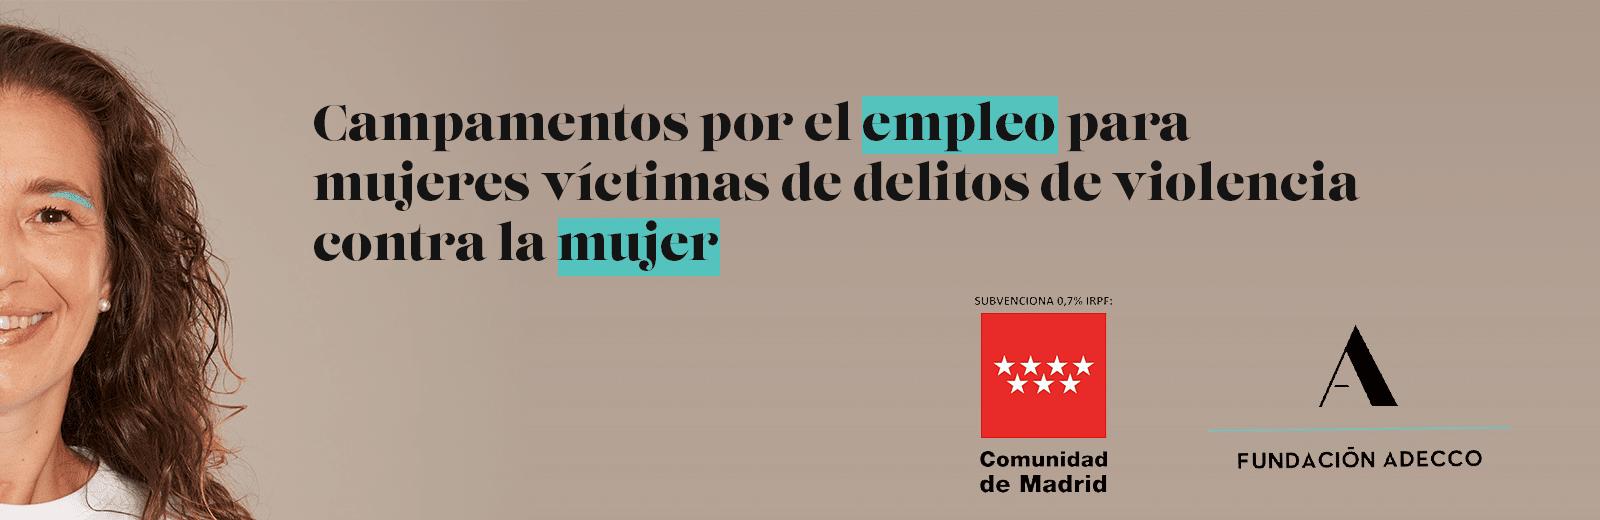 Campamentos de empleo para mujeres víctimas de violencia contra la mujer